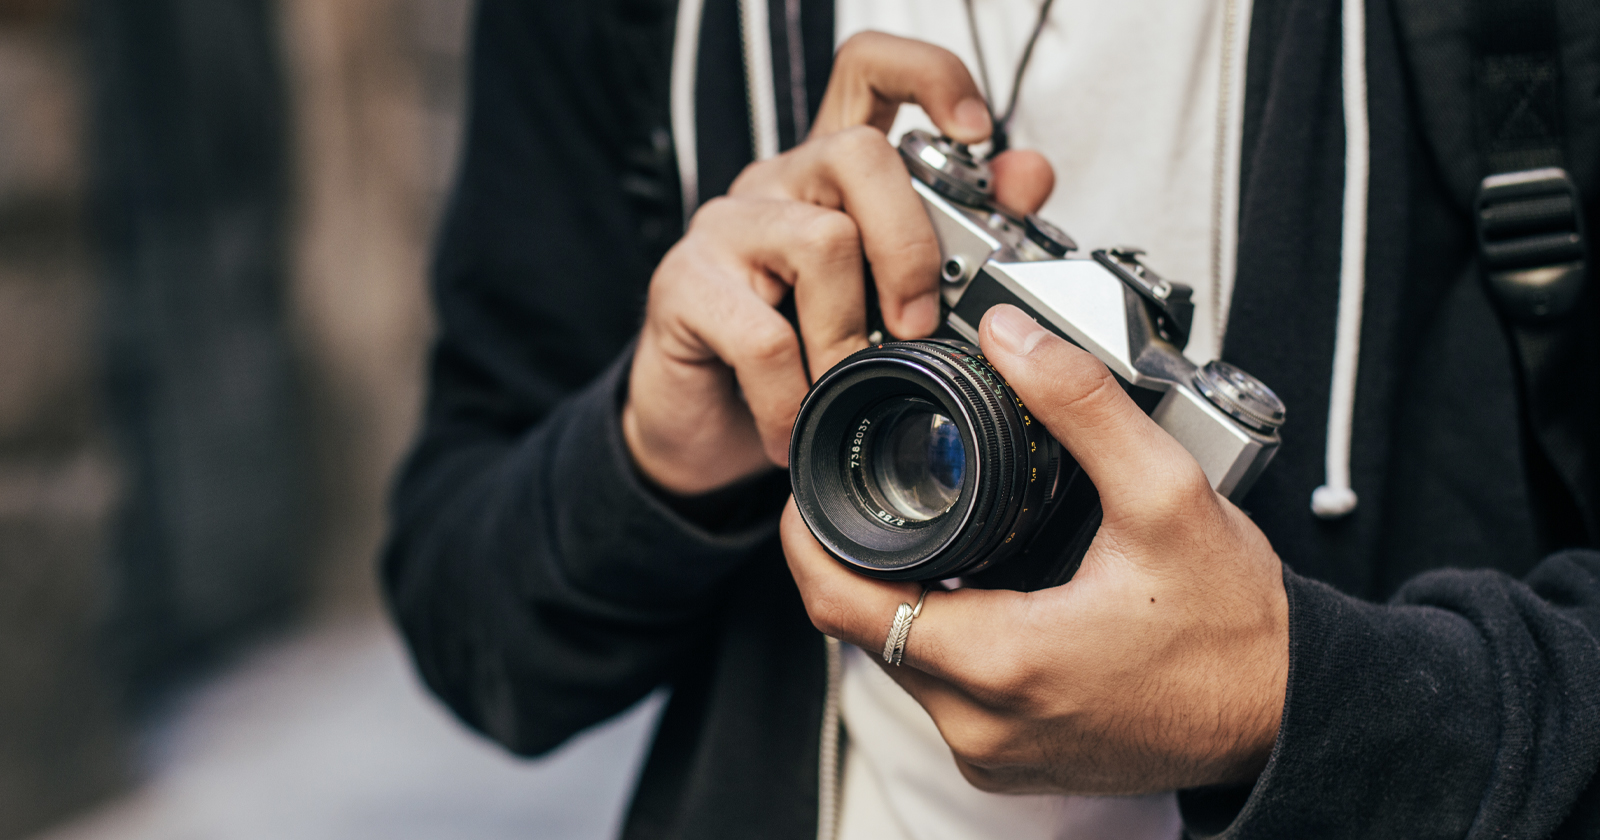 L'impermanenza della vita realizza l'importanza della fotografia